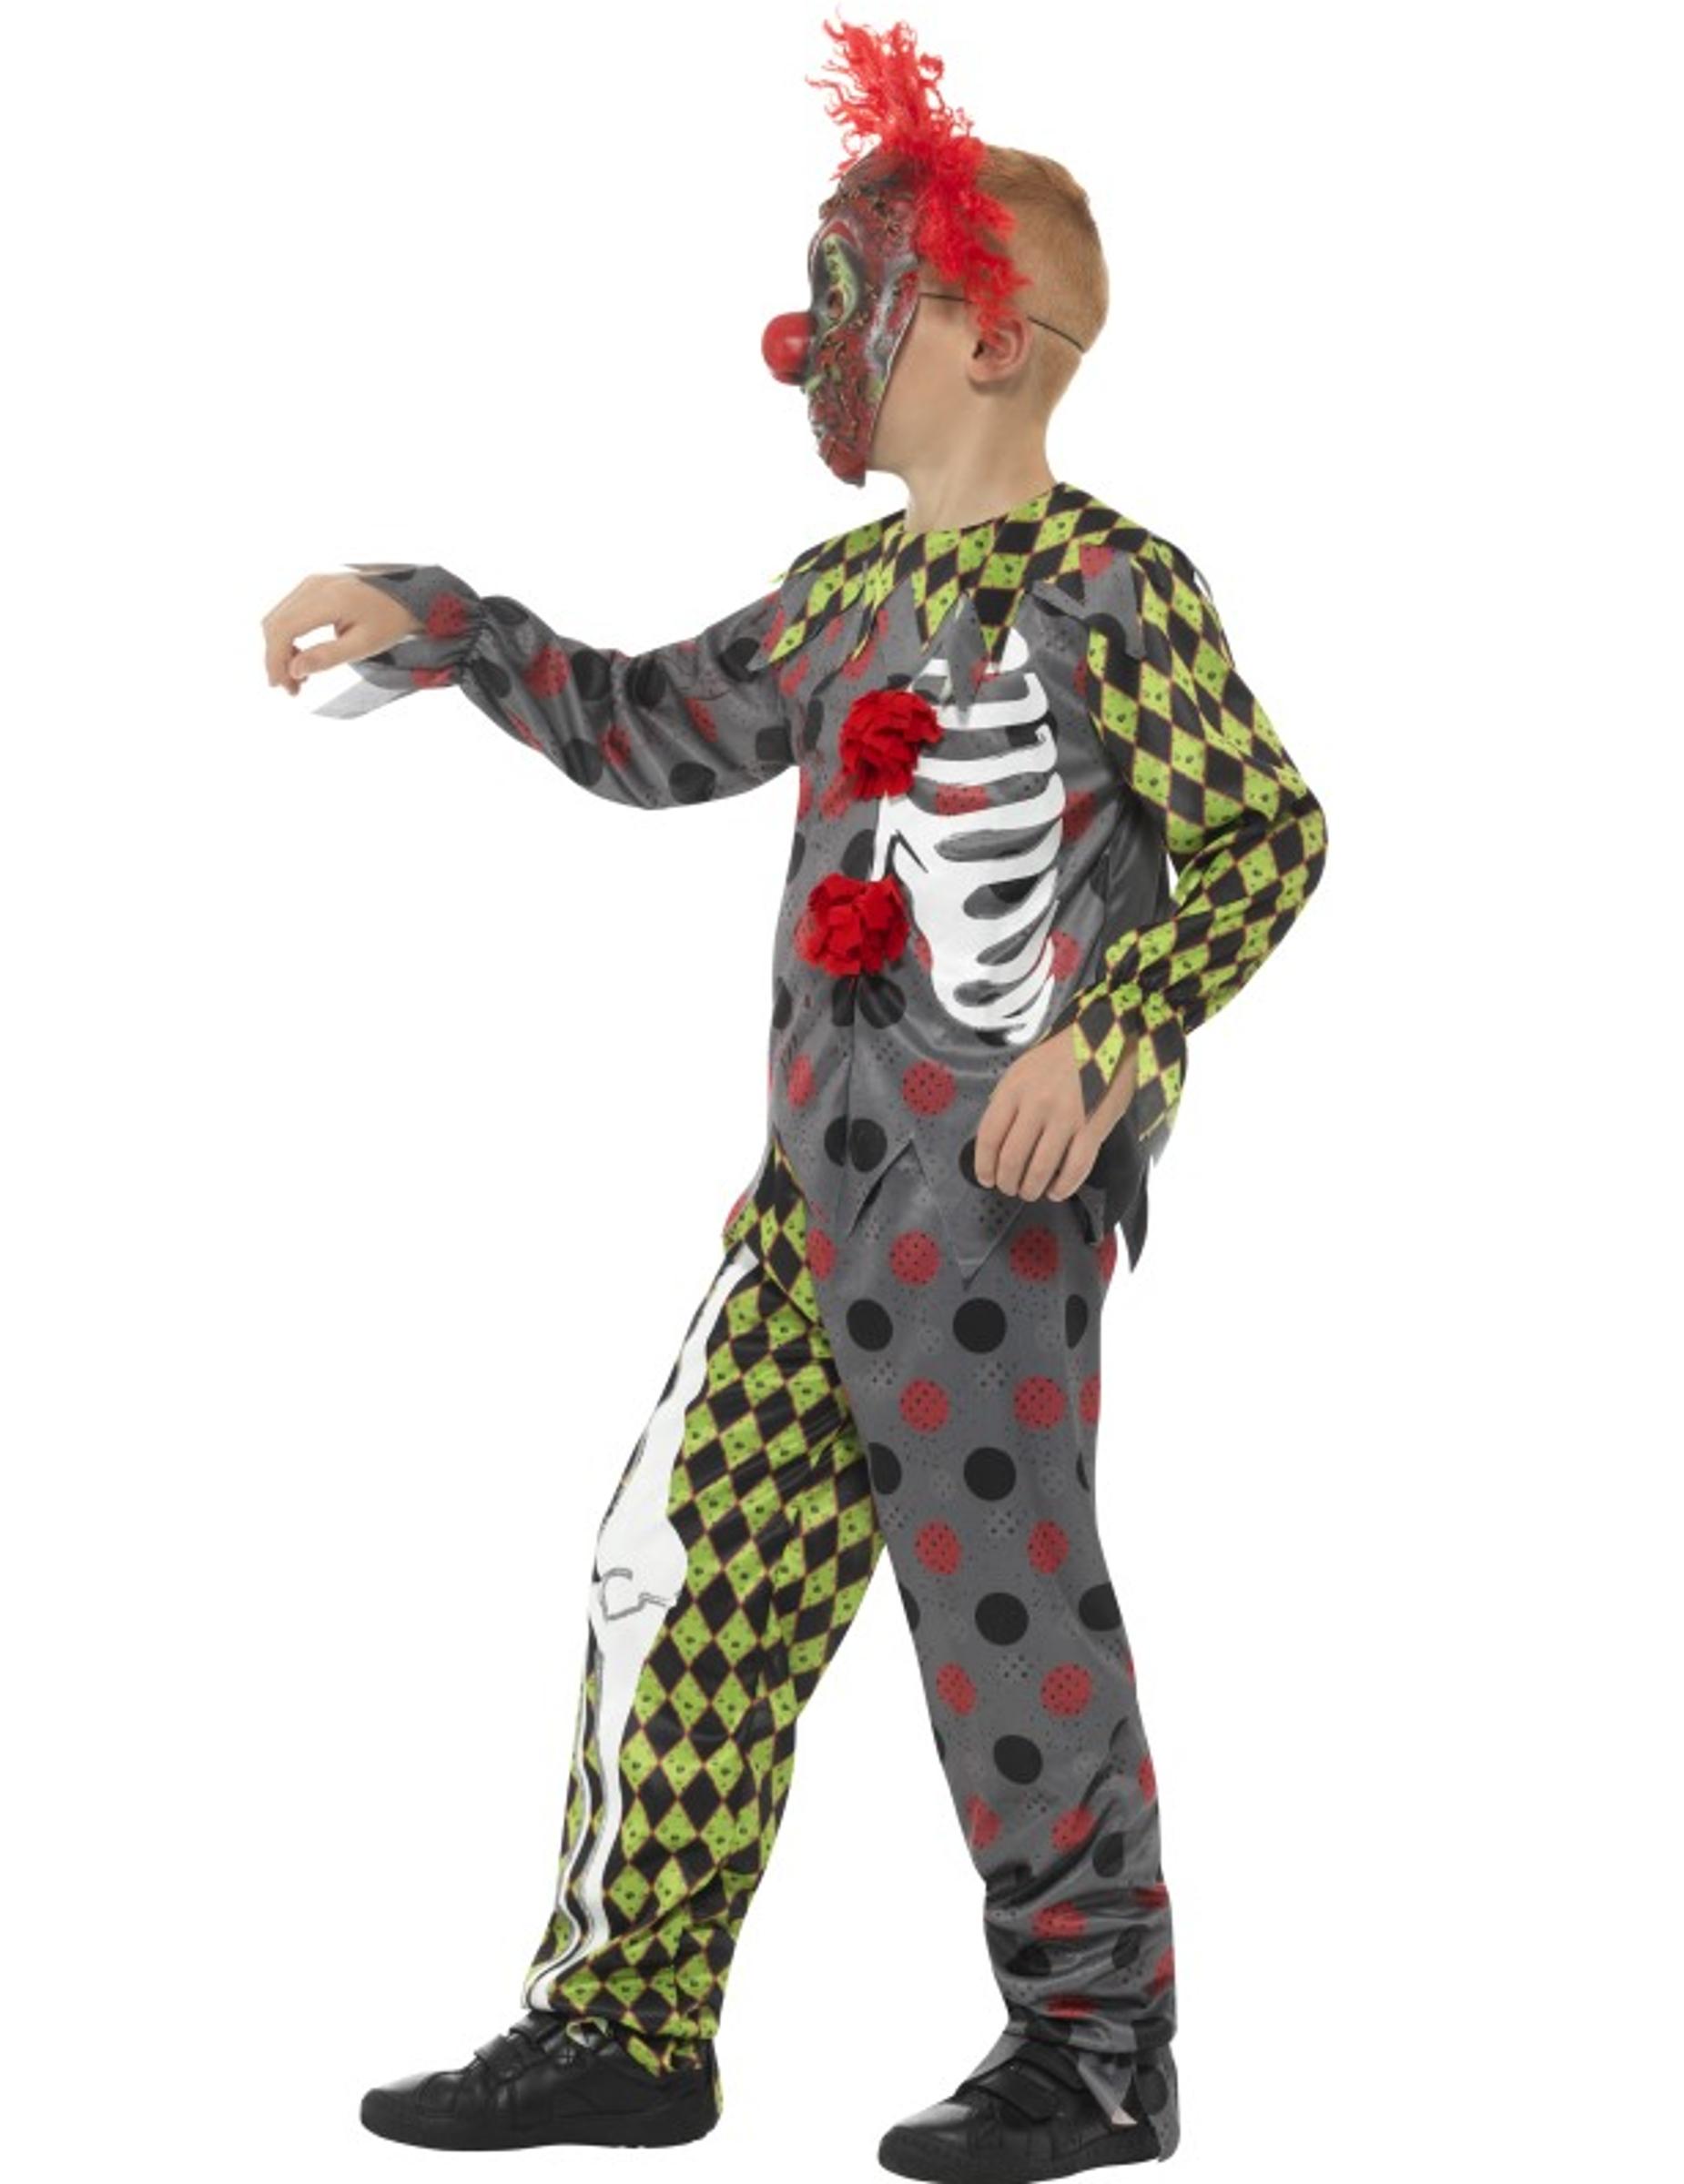 d guisement squelette clown fou enfant halloween deguise. Black Bedroom Furniture Sets. Home Design Ideas